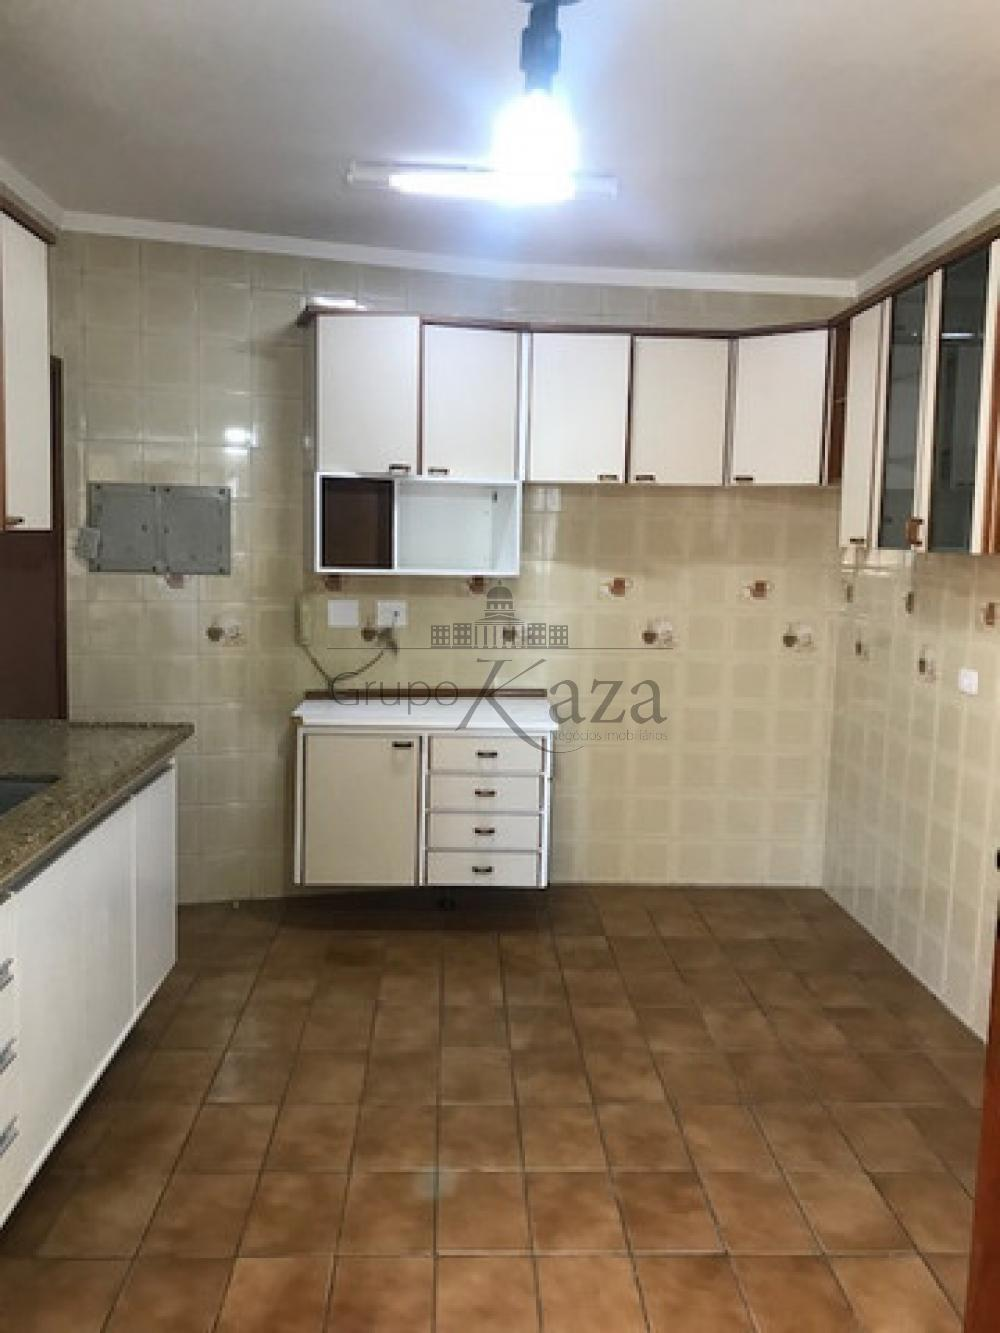 alt='Comprar Apartamento / Padrão em São José dos Campos R$ 515.000,00 - Foto 3' title='Comprar Apartamento / Padrão em São José dos Campos R$ 515.000,00 - Foto 3'